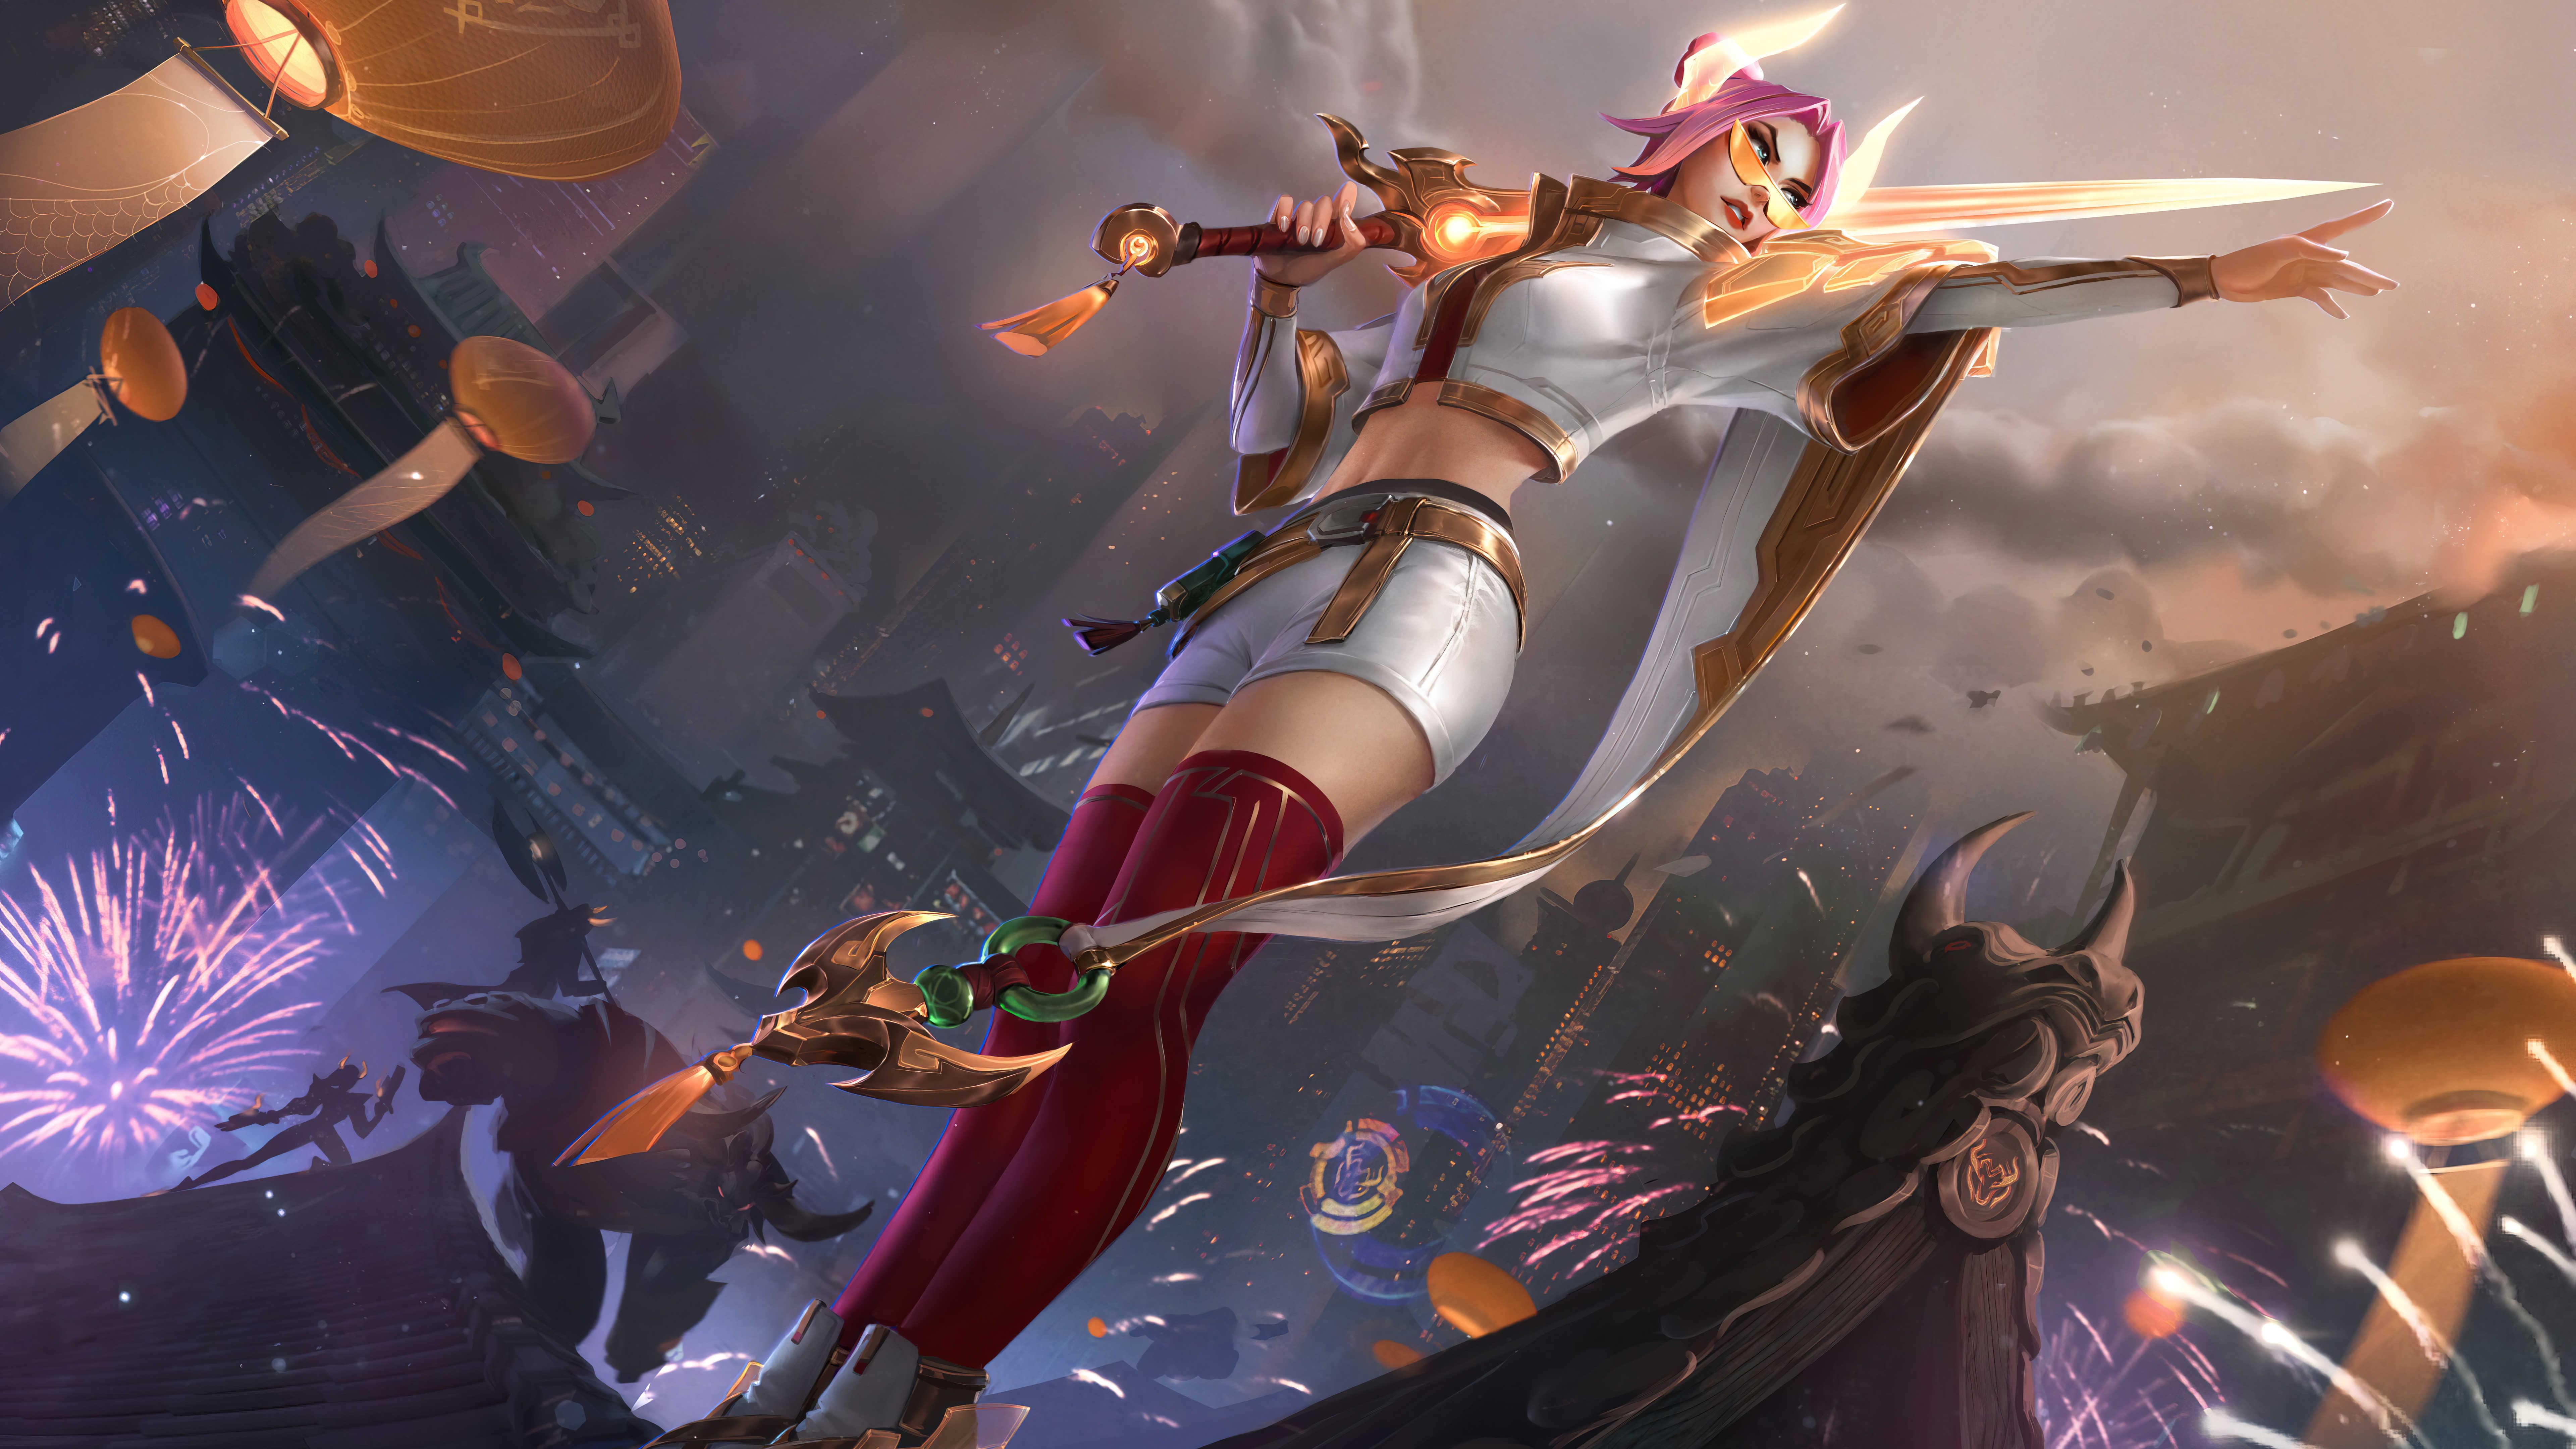 Cool League Of Legends Wallpaper Fiora